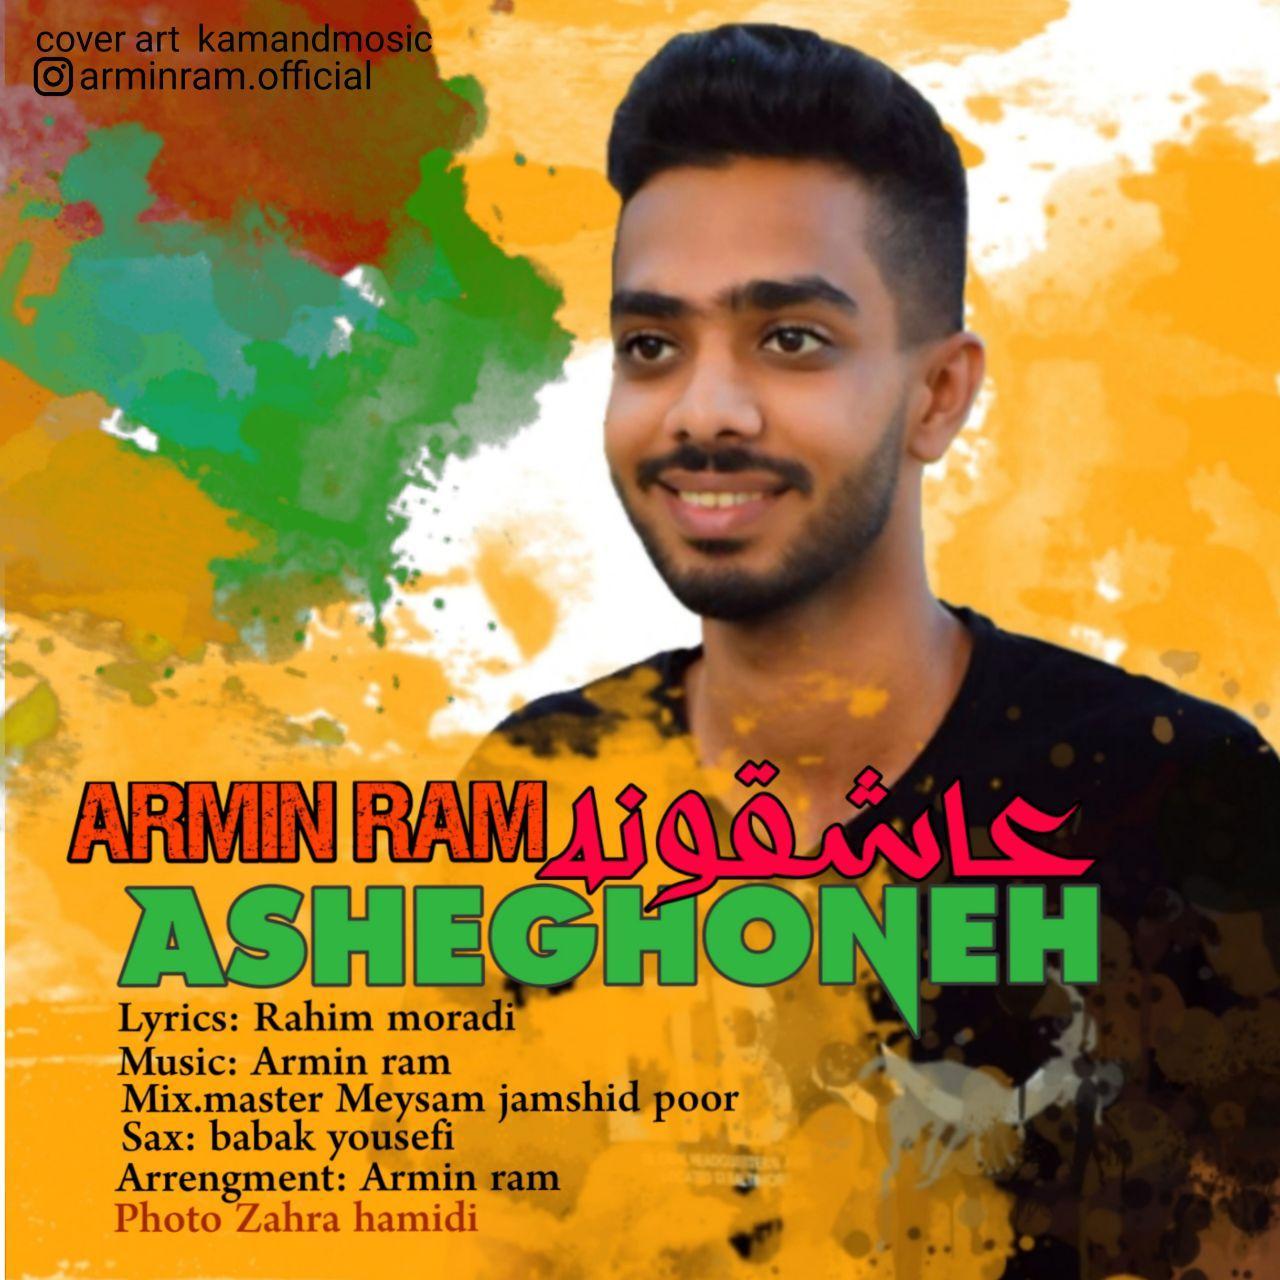 Armin Ram – Asheghoneh